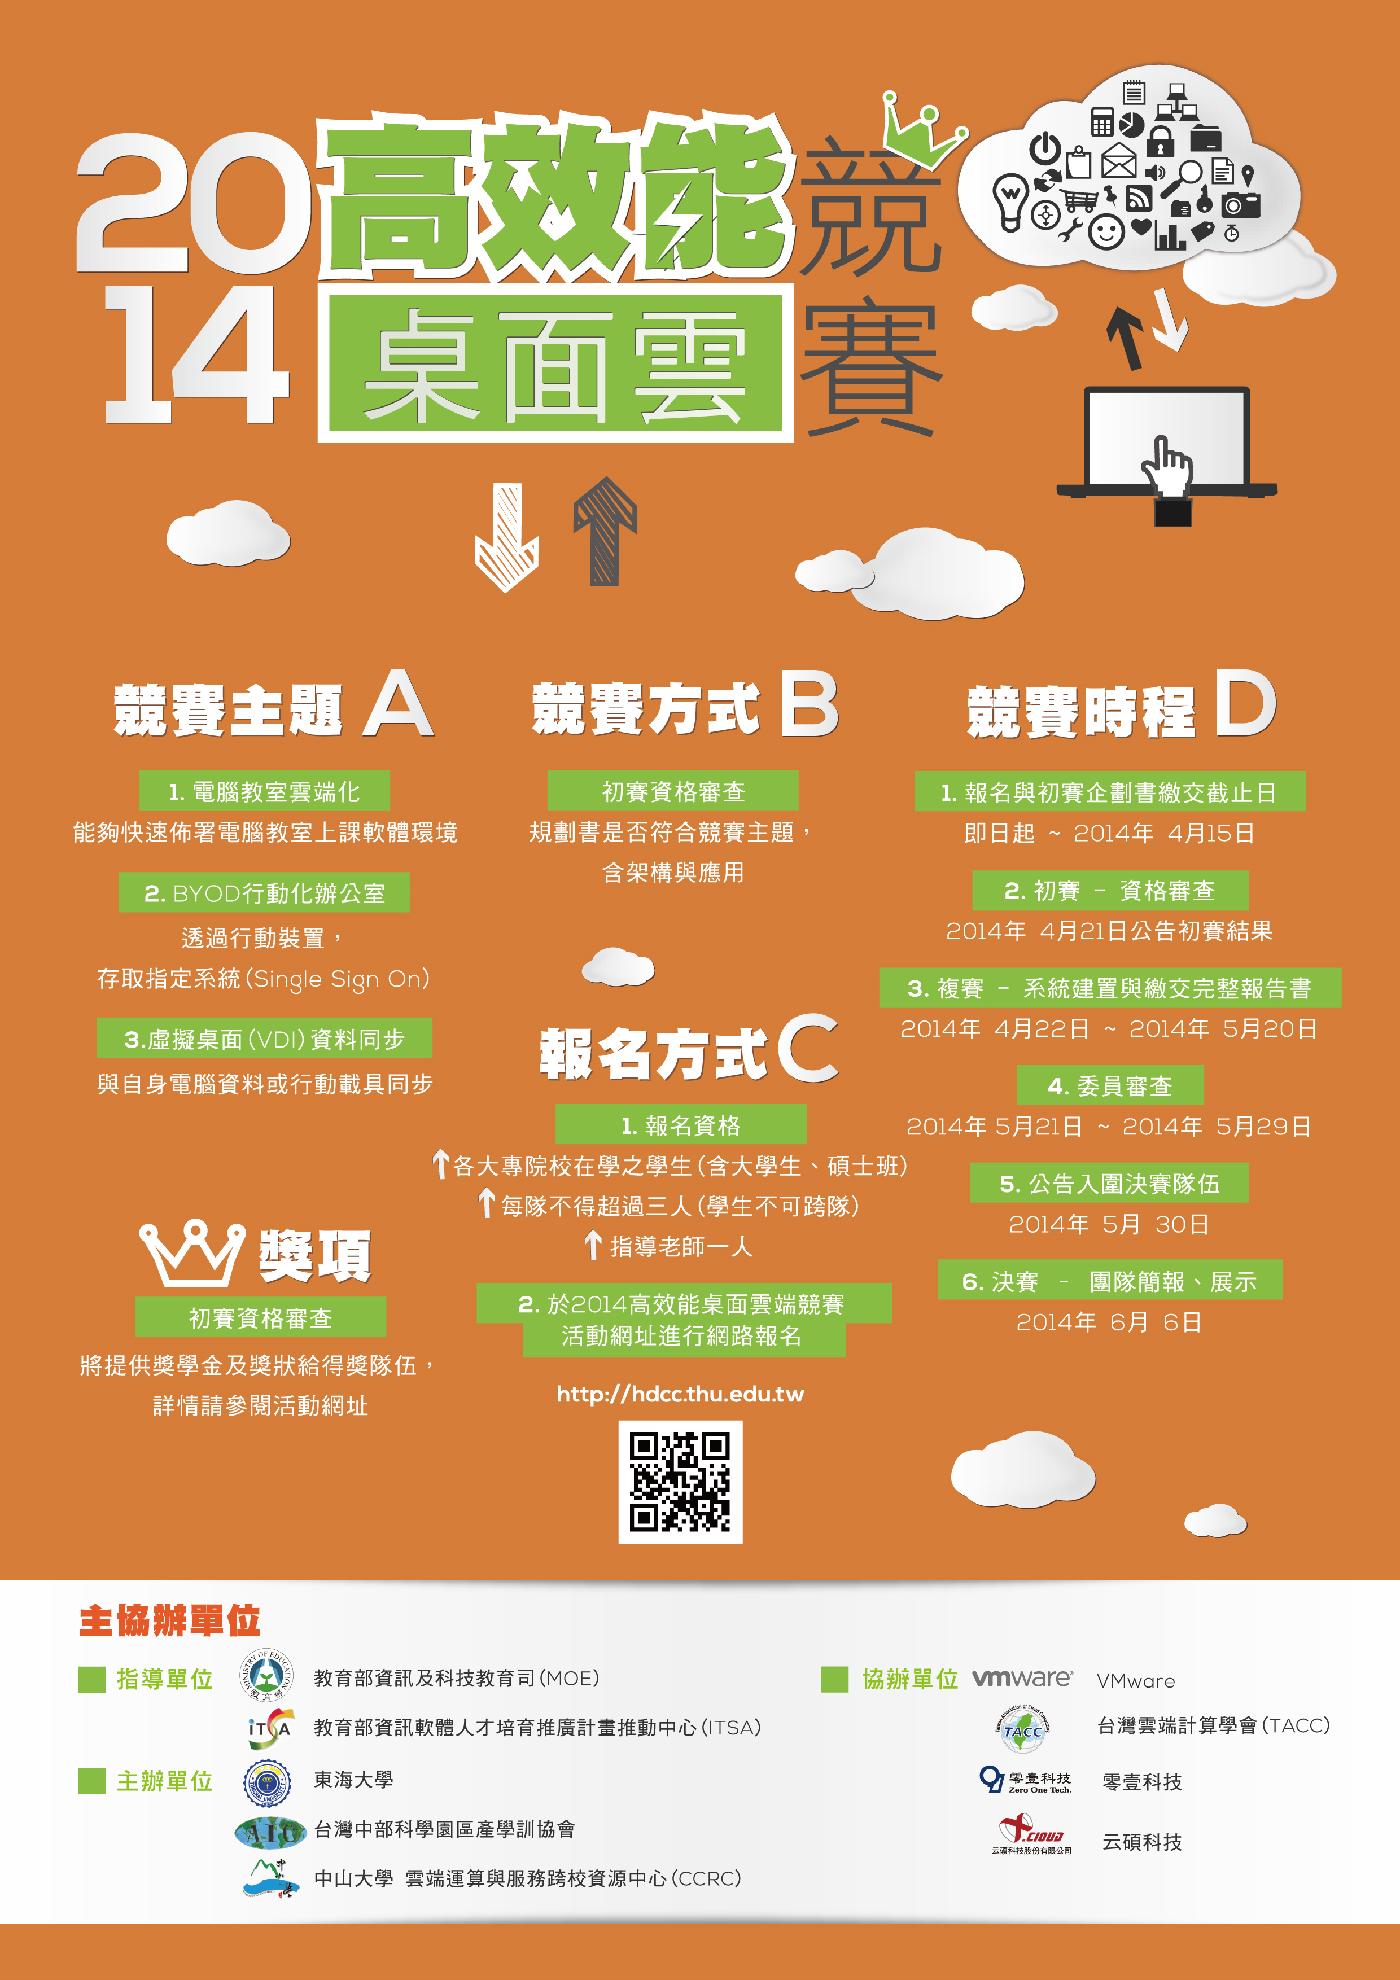 2014高效能桌面雲競賽eDM-PNG